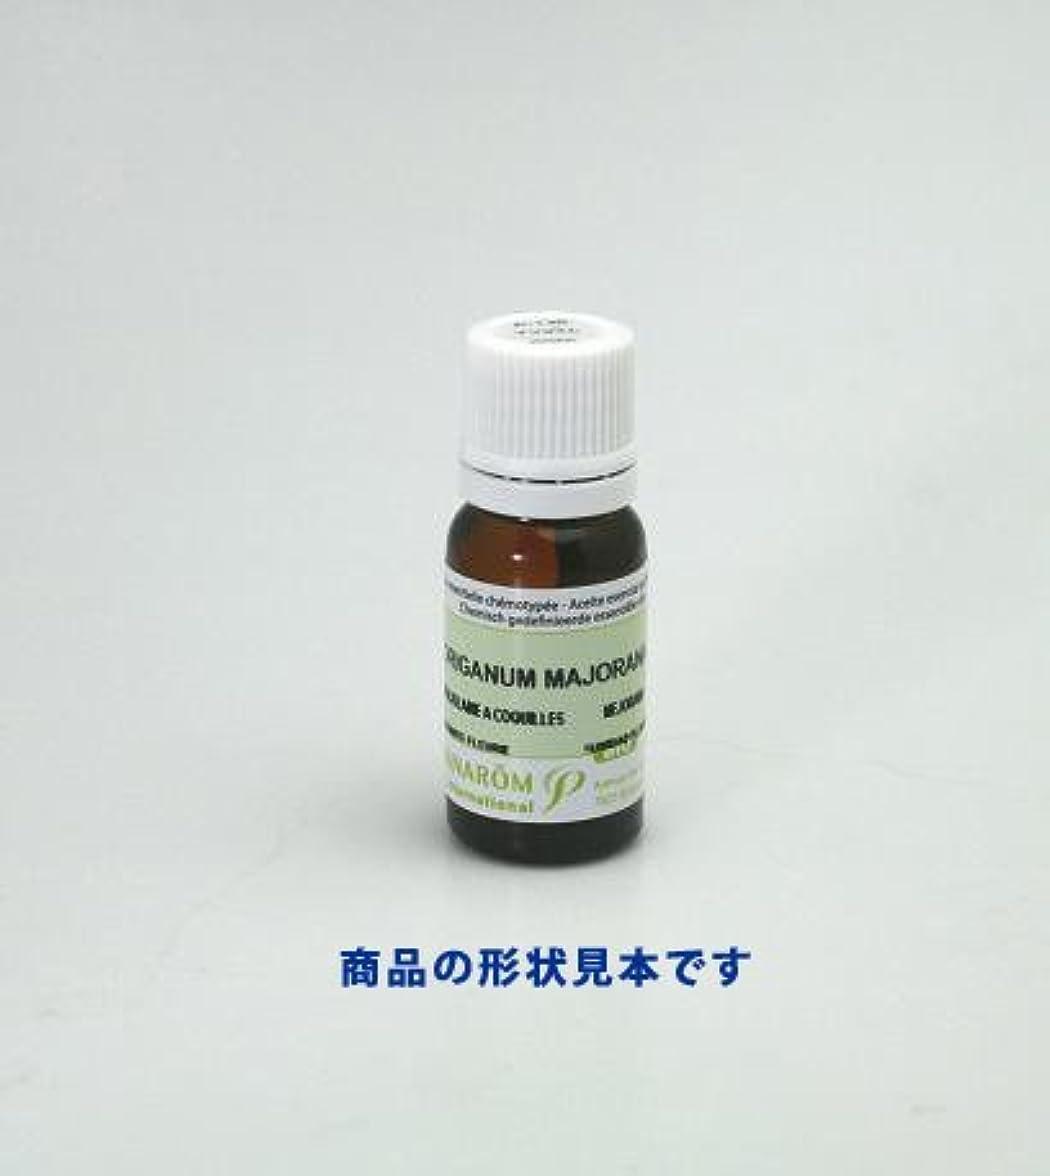 プラナロム社製精油:P-155 パチュリー